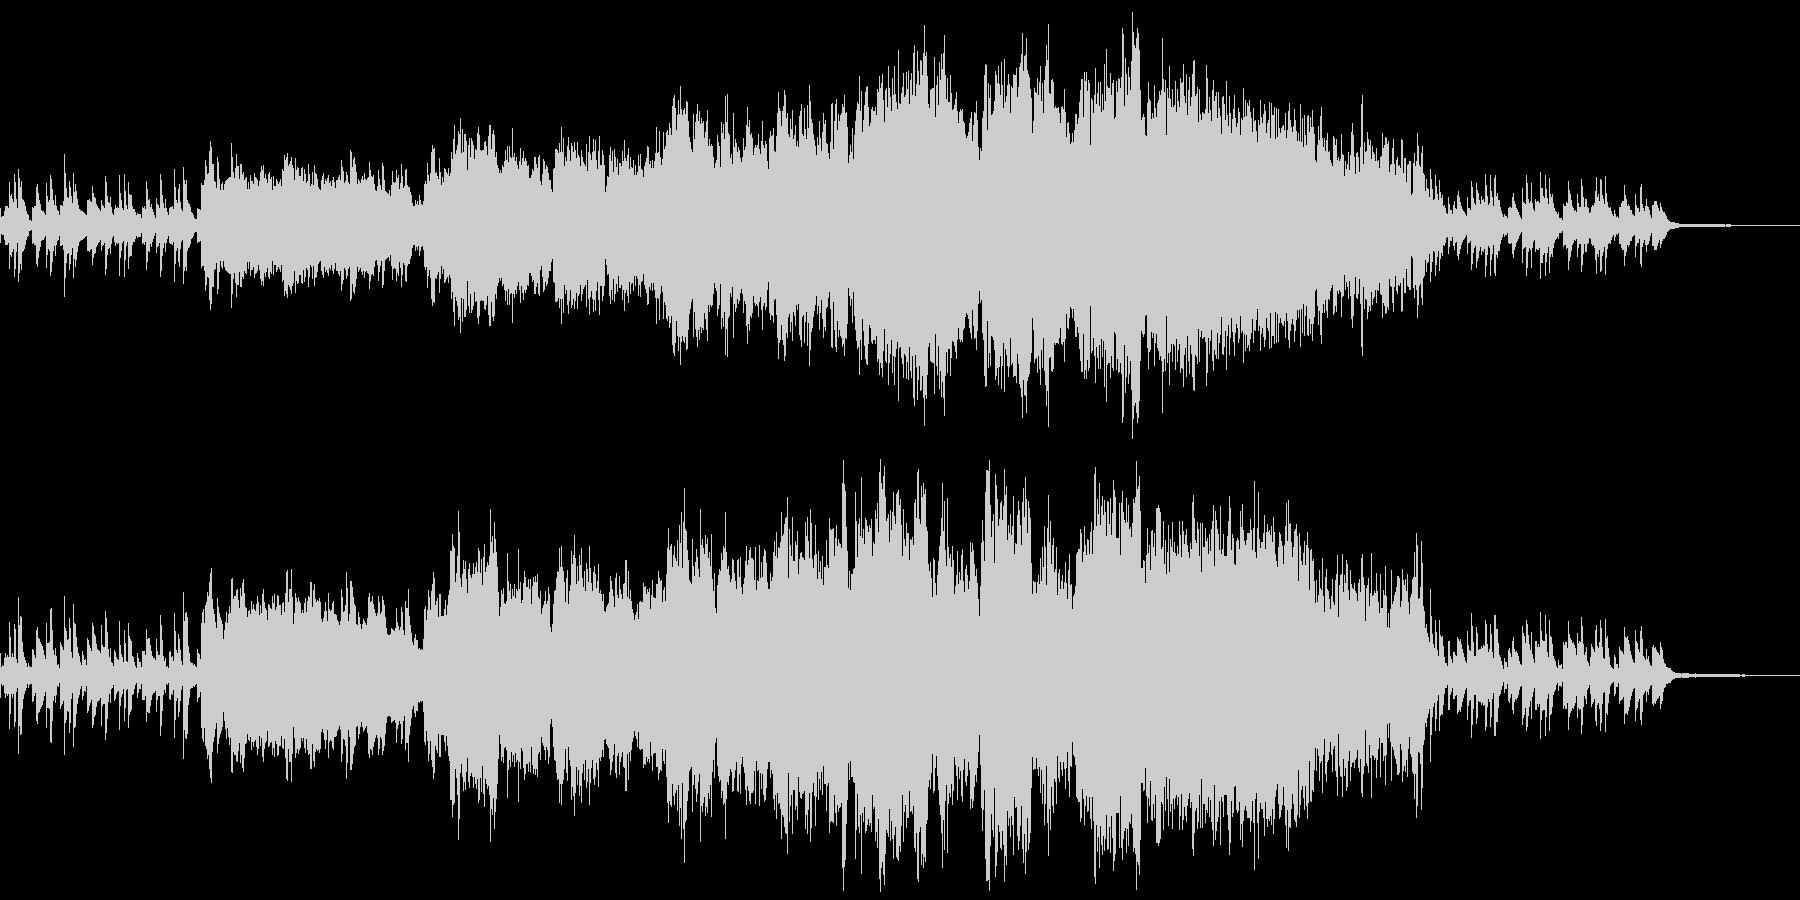 オーケストラとコーラスの感動的なBGMの未再生の波形